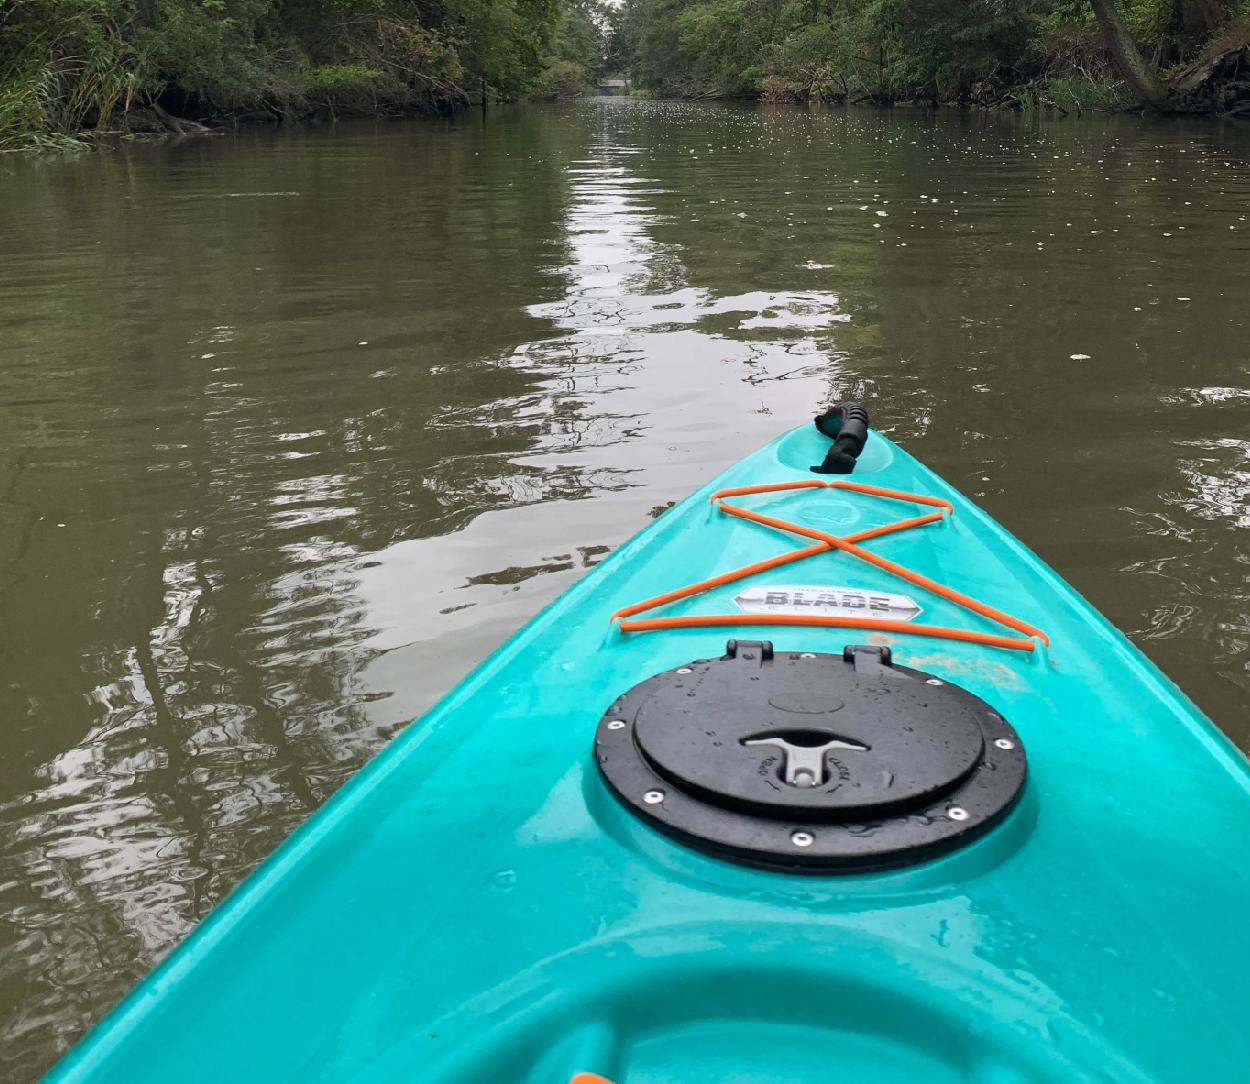 kayak-canoeing